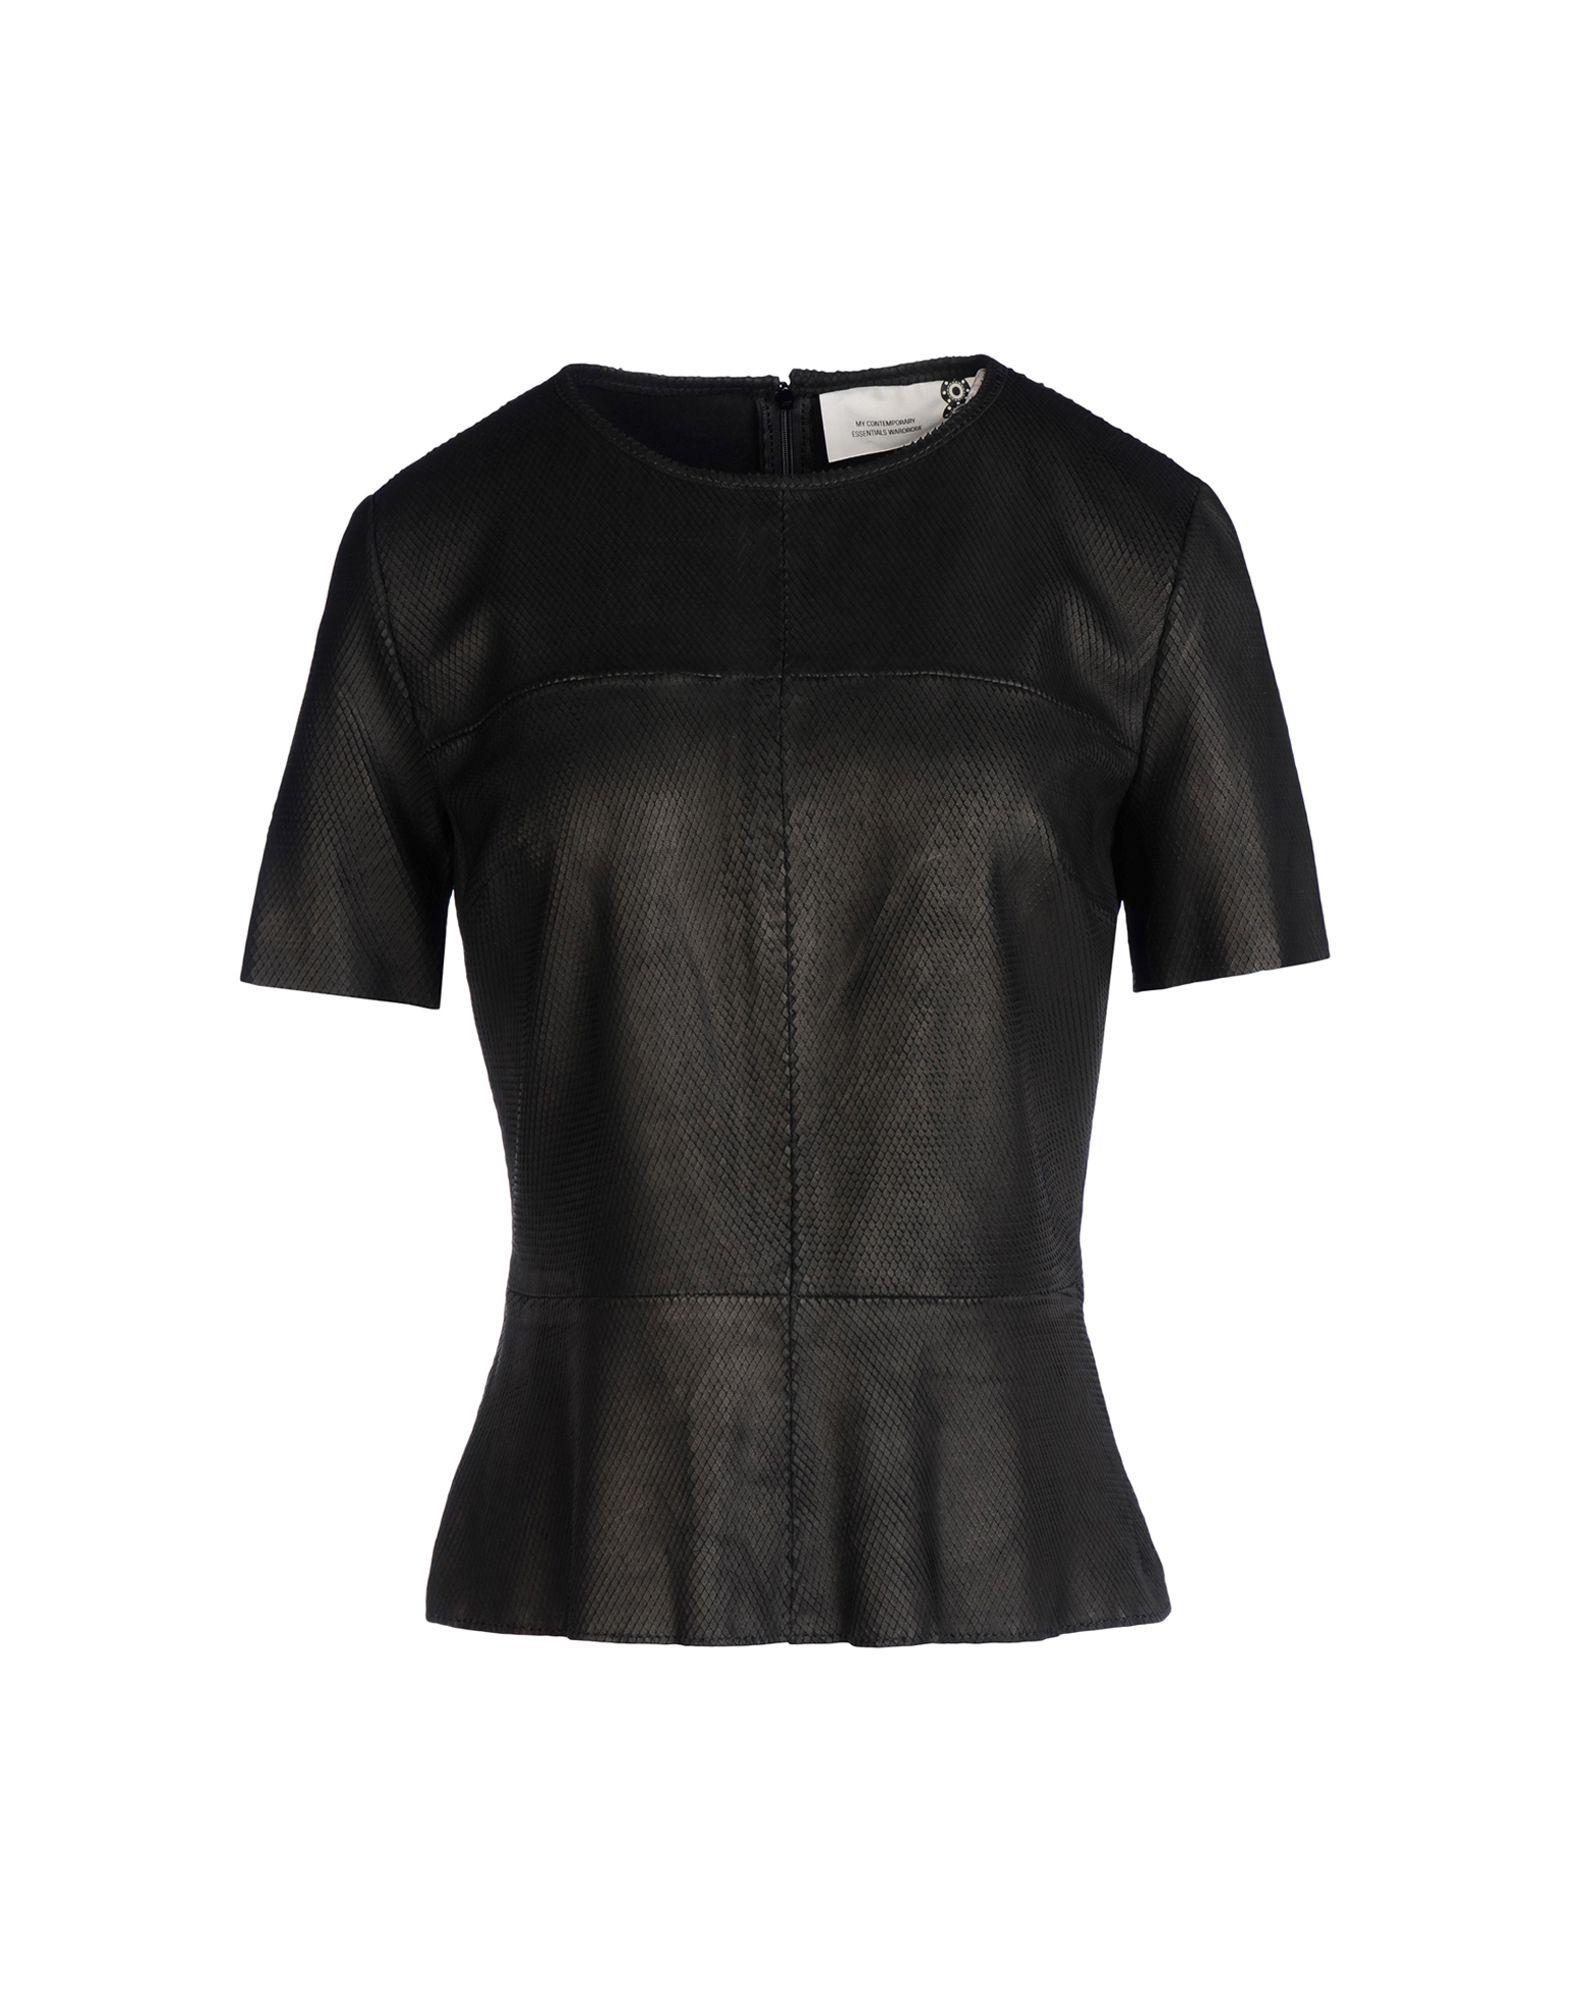 8 Блузка платья с принтами